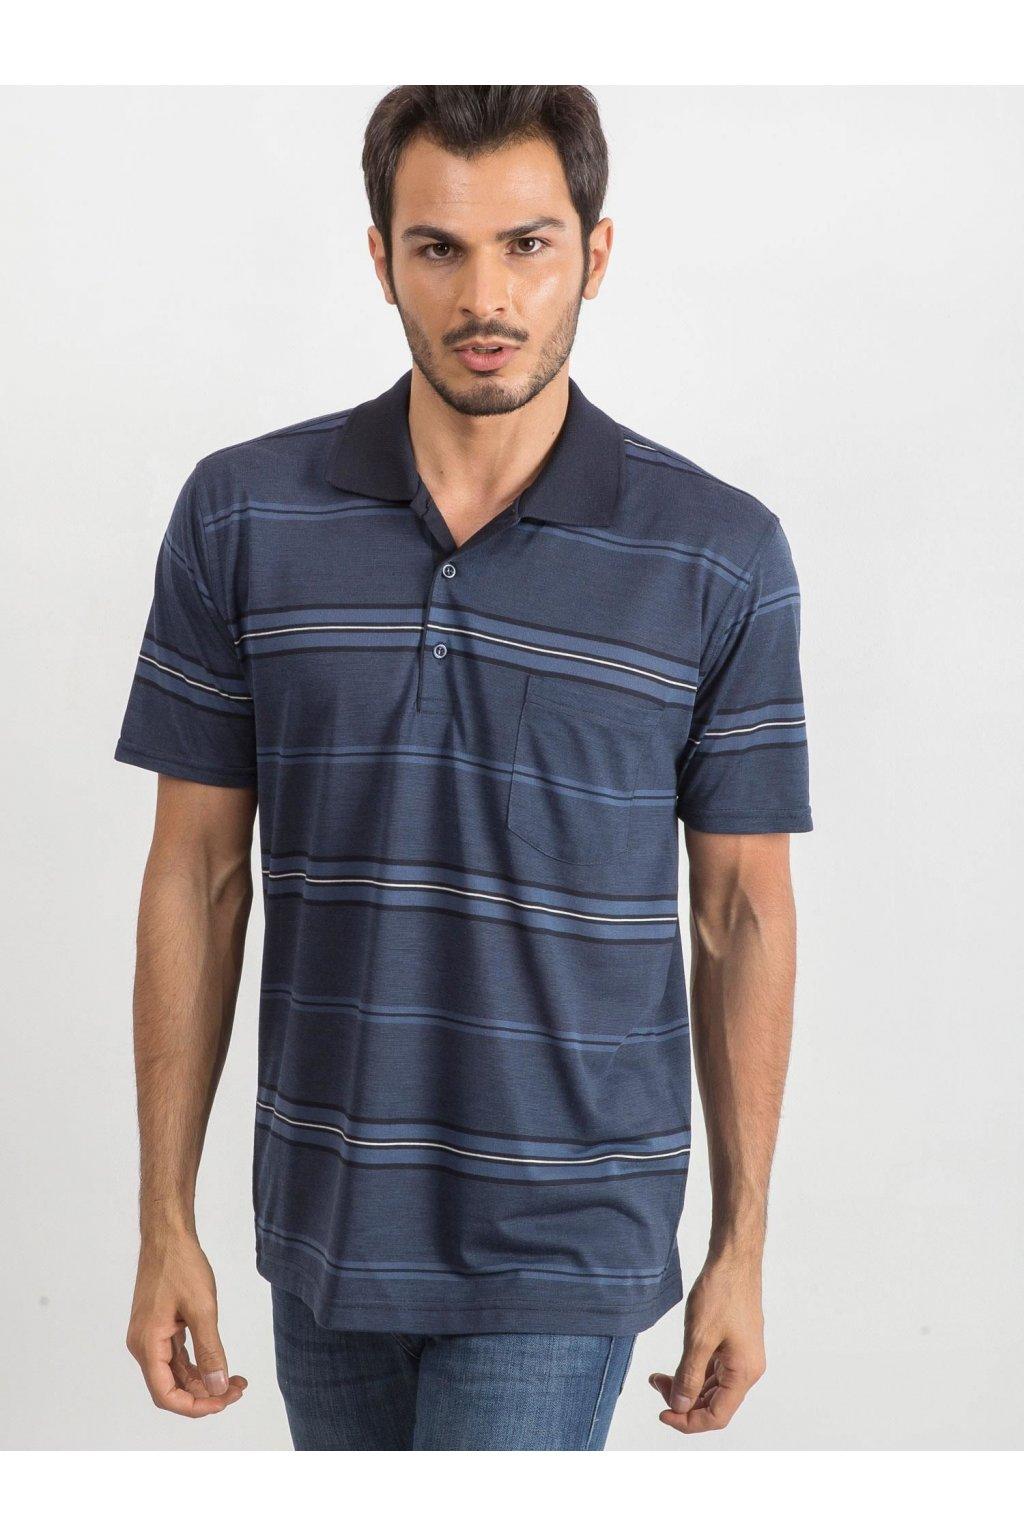 Pánske tričko kód 288-BZ-1049.56P